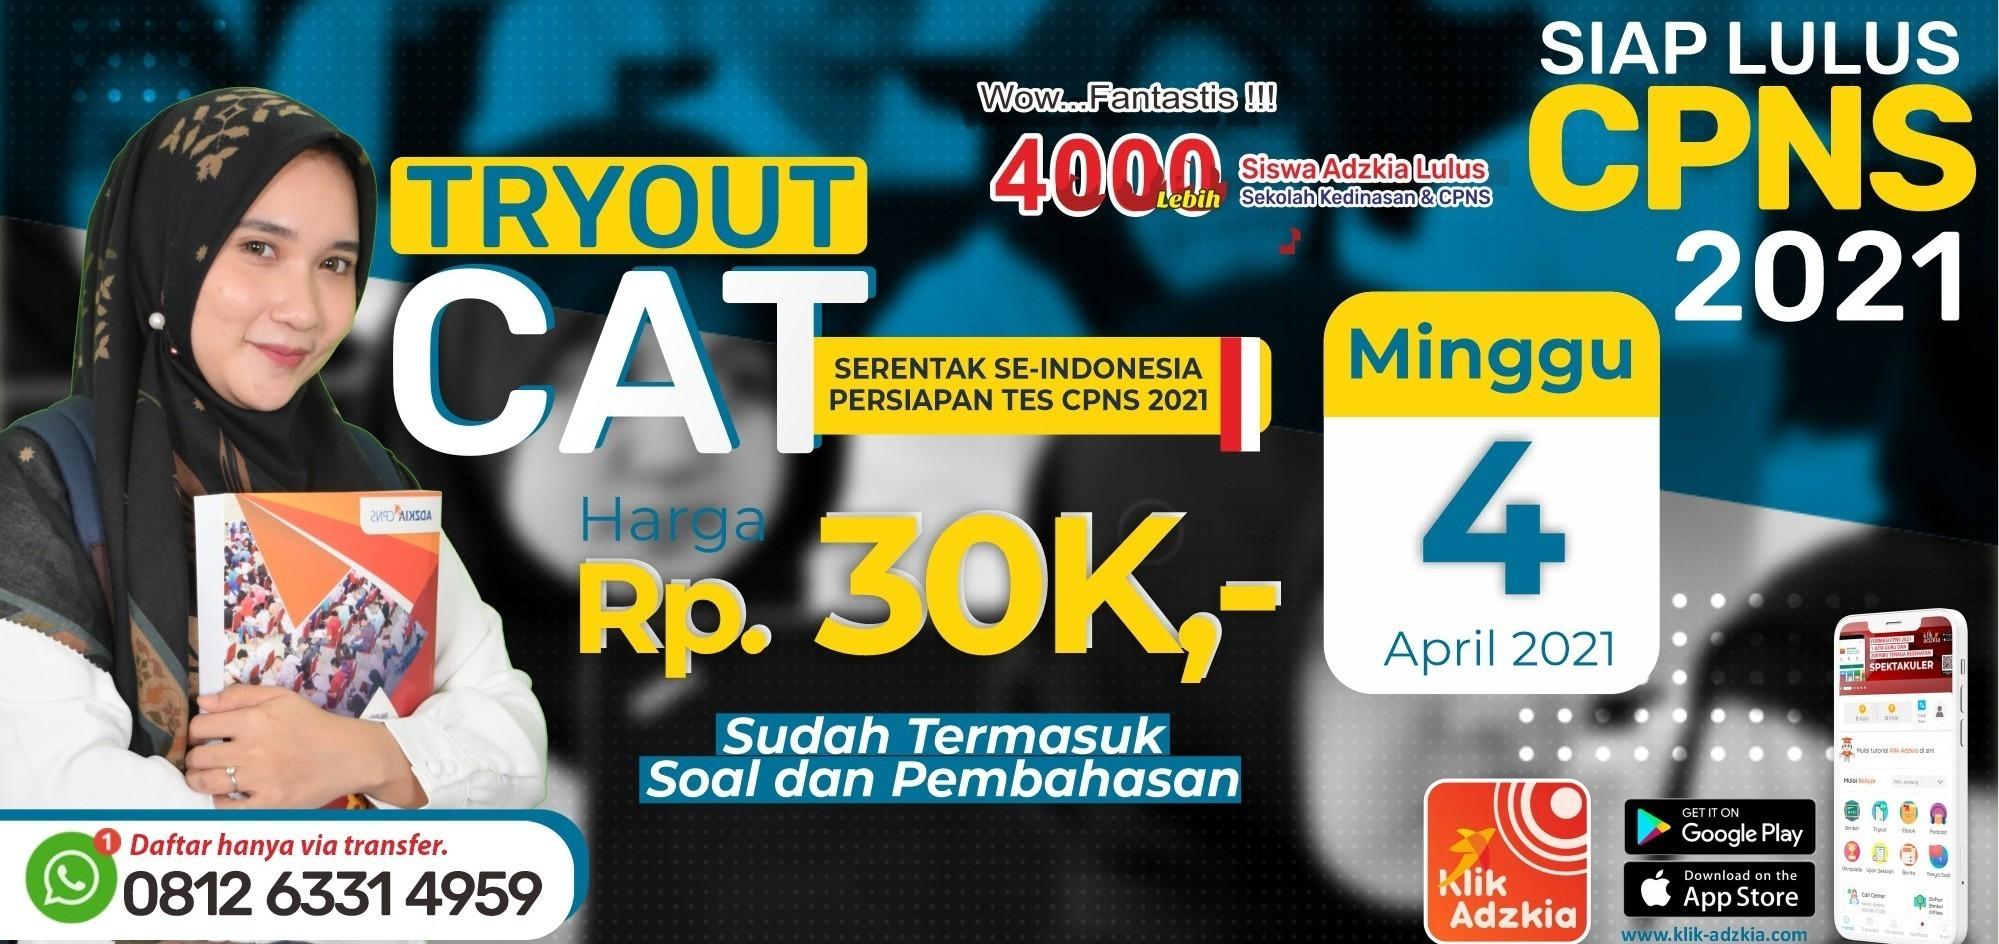 Jual Tiket TRY OUT CAT SERENTAK SE-INDONESIA PERSIAPAN TES ...